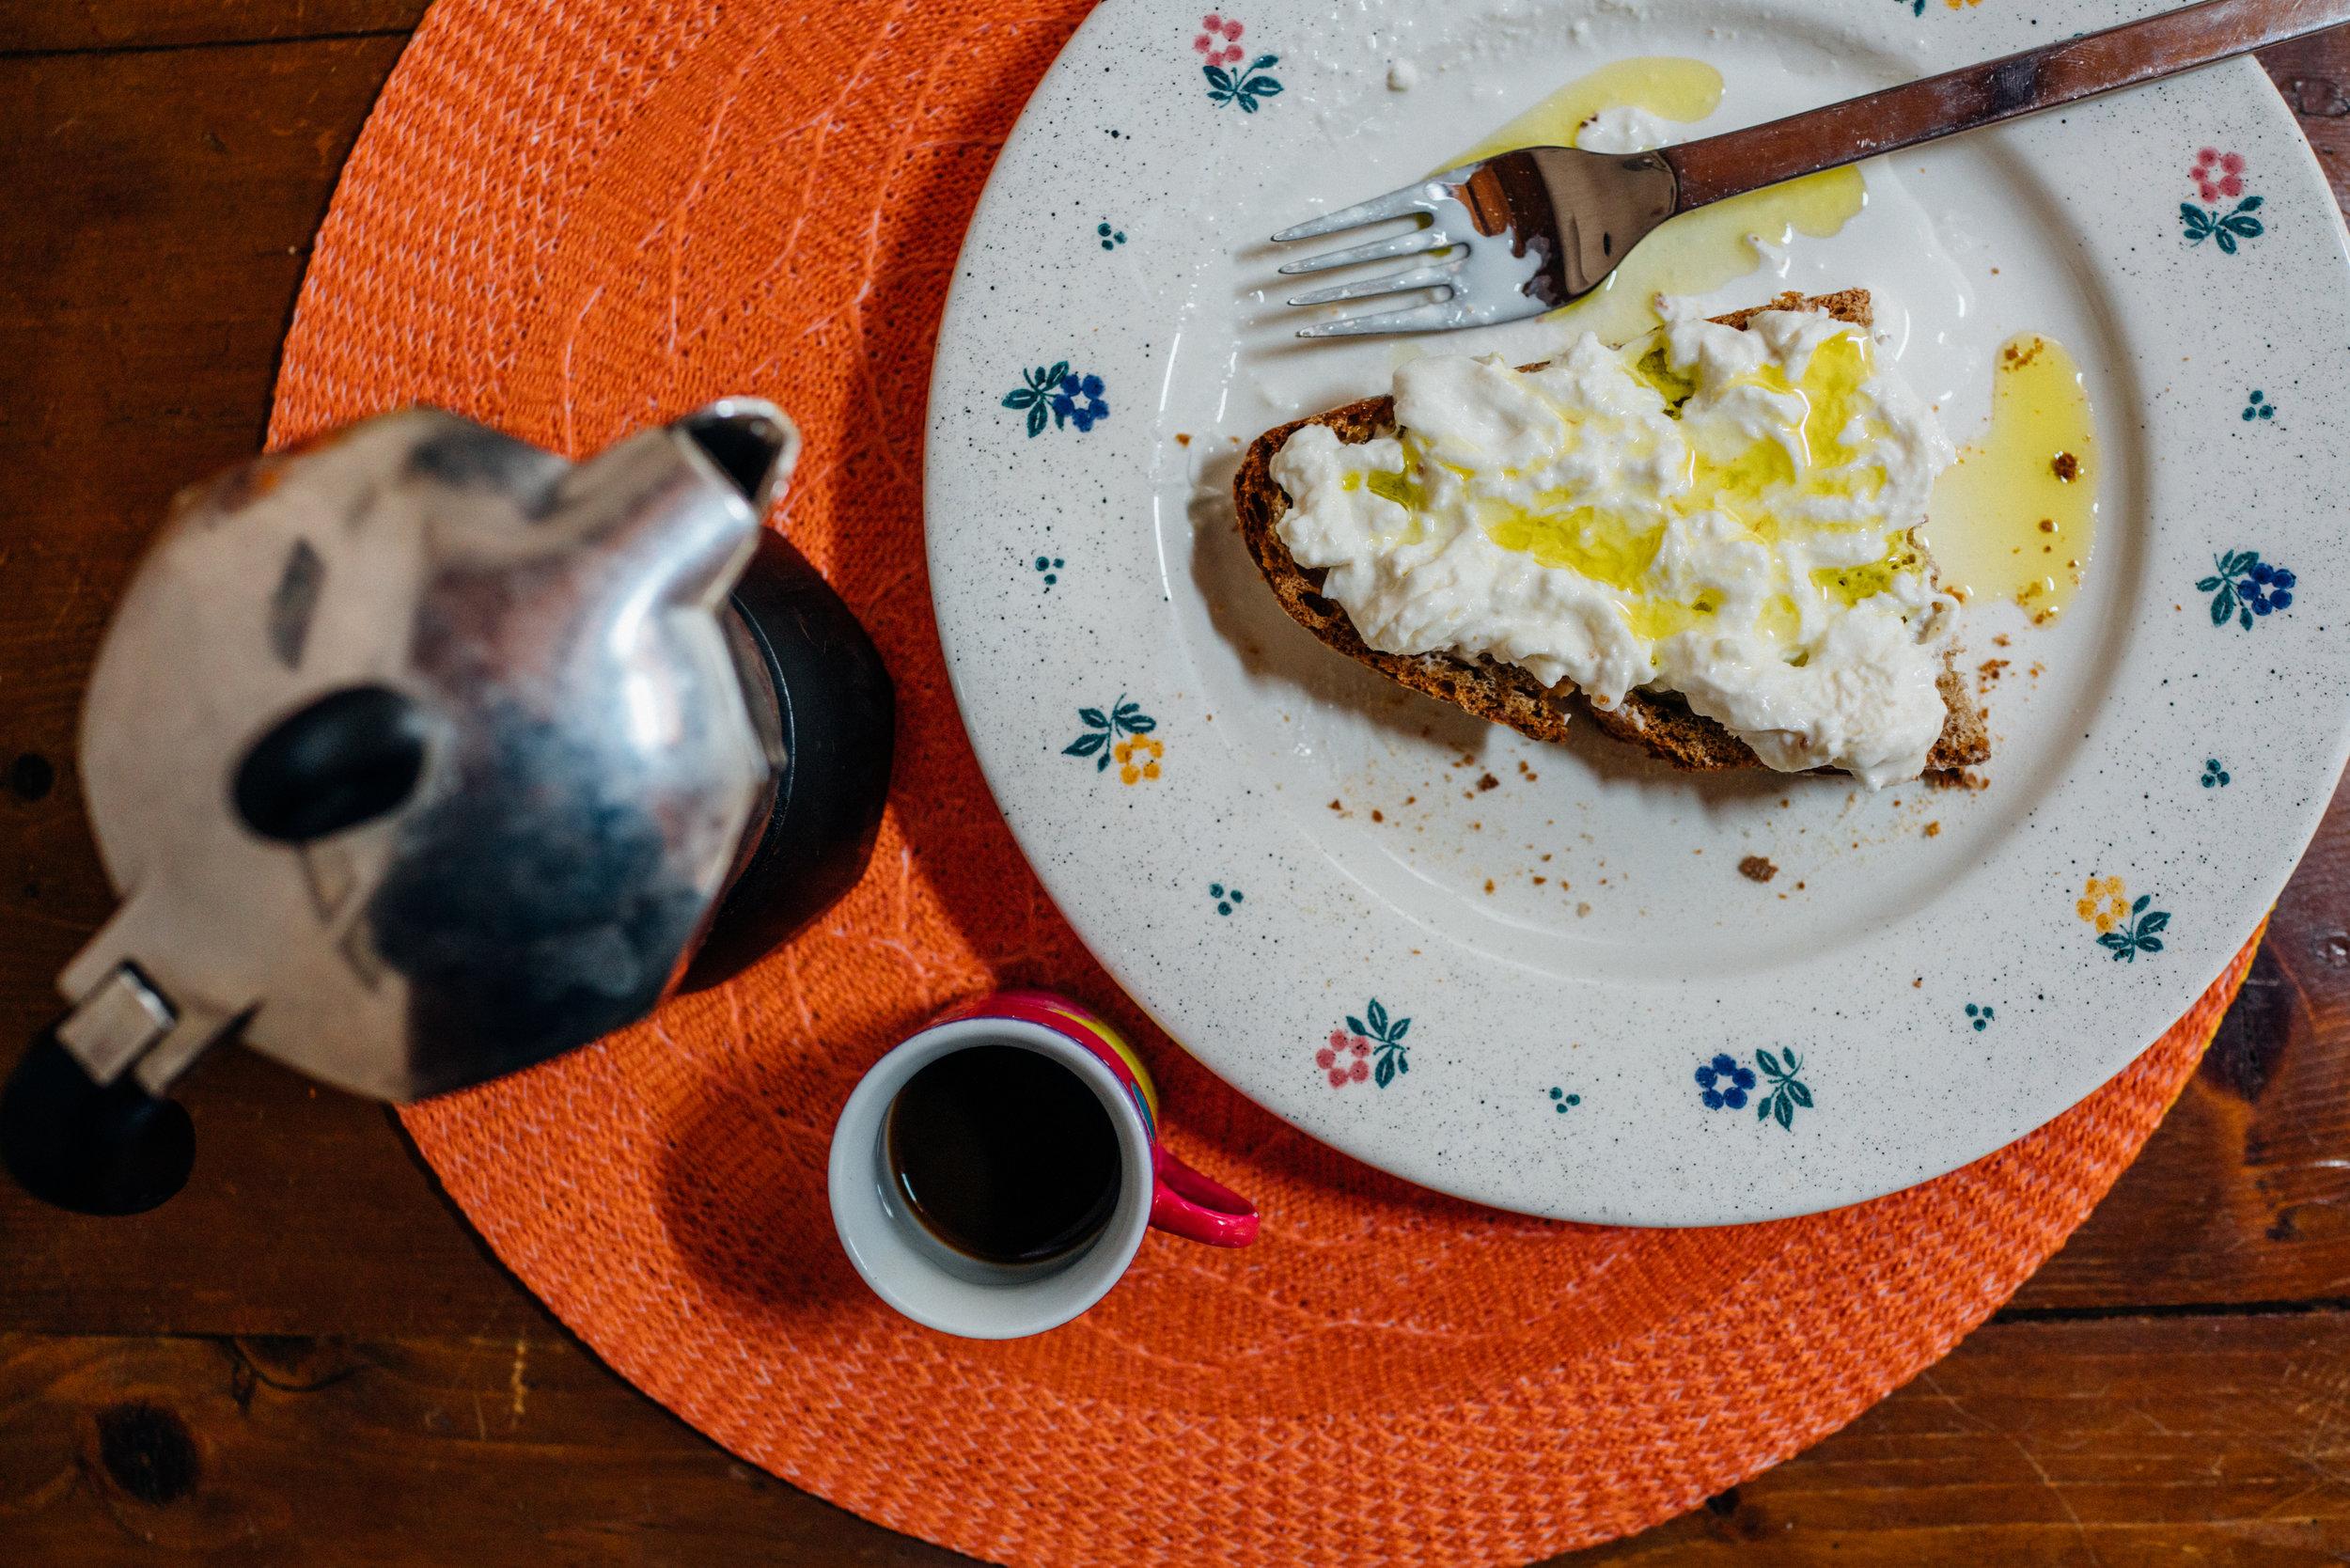 Pane con stracciatella condita con olio d'oliva e caffè per colazione, alla casa